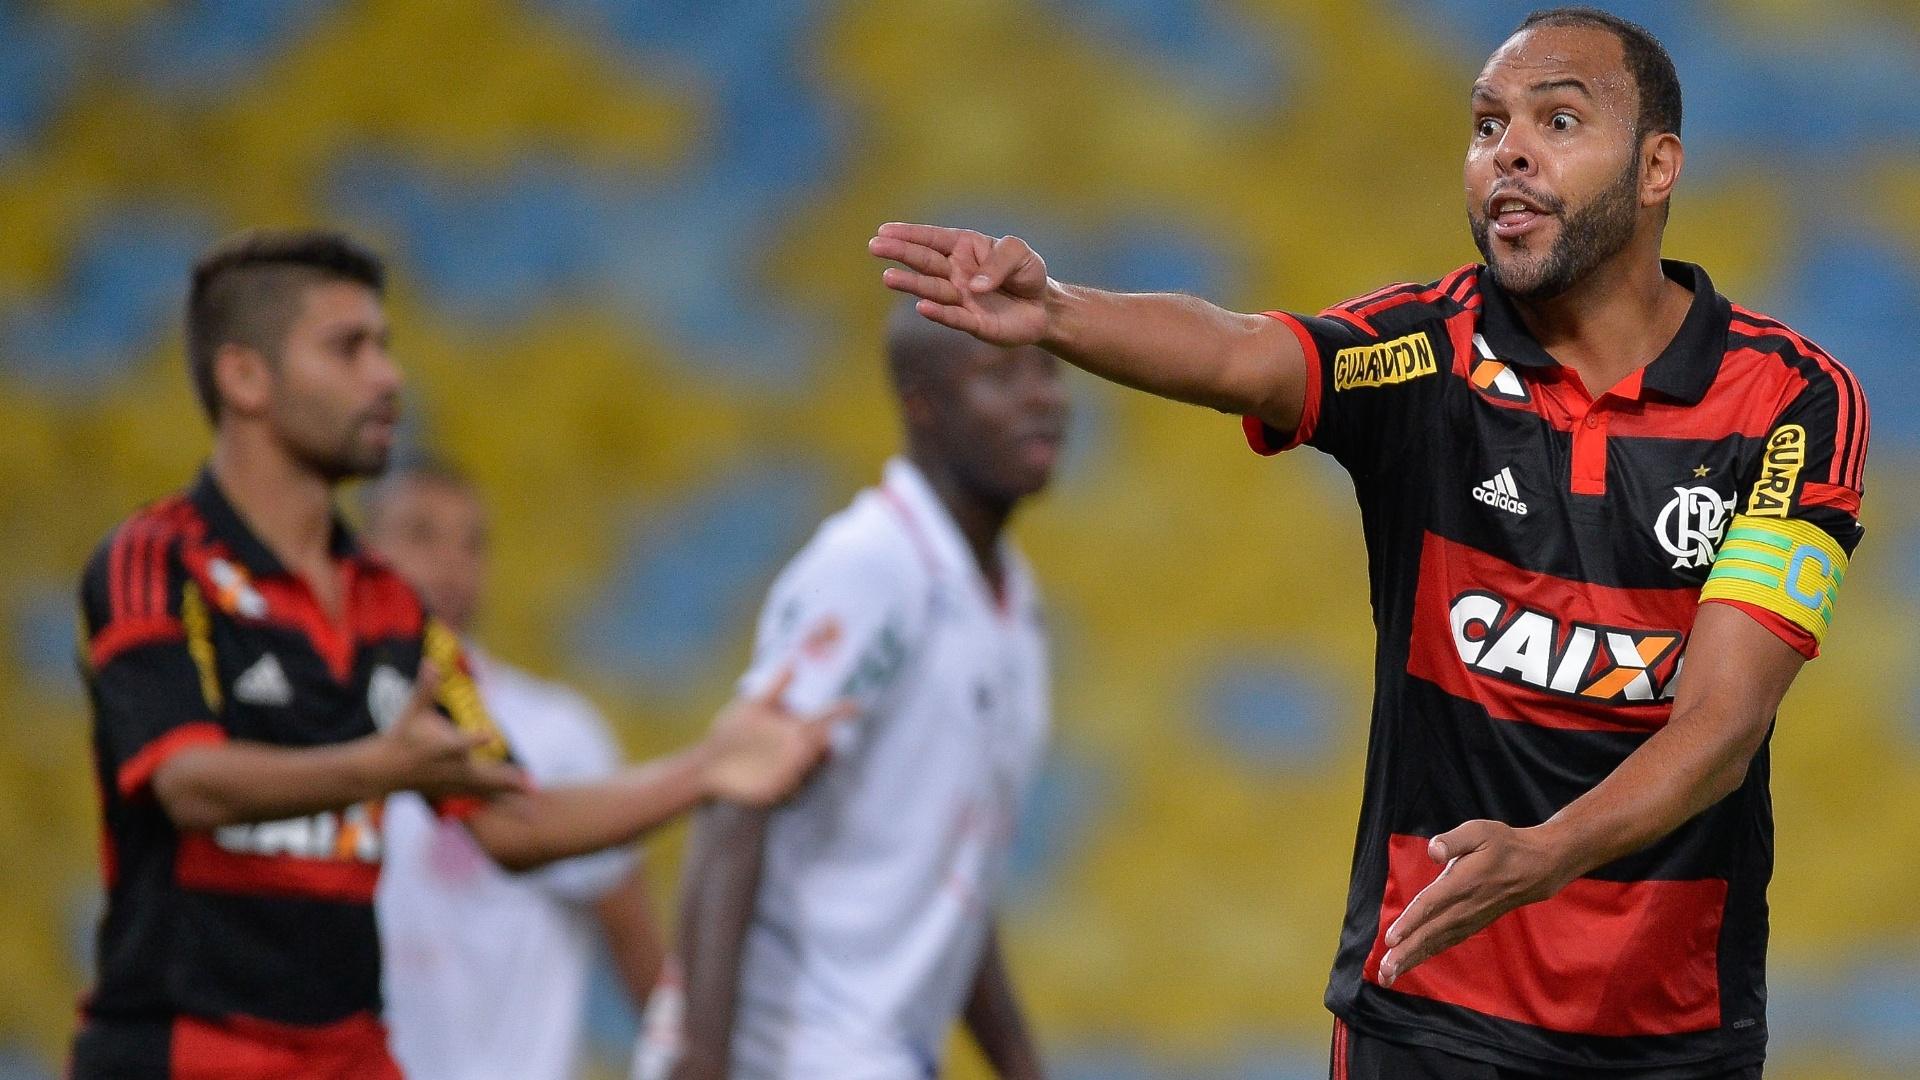 Atacante Alecsandro em ação durante o confronto Flamengo e Bangu, válido pelo Campeonato Carioca